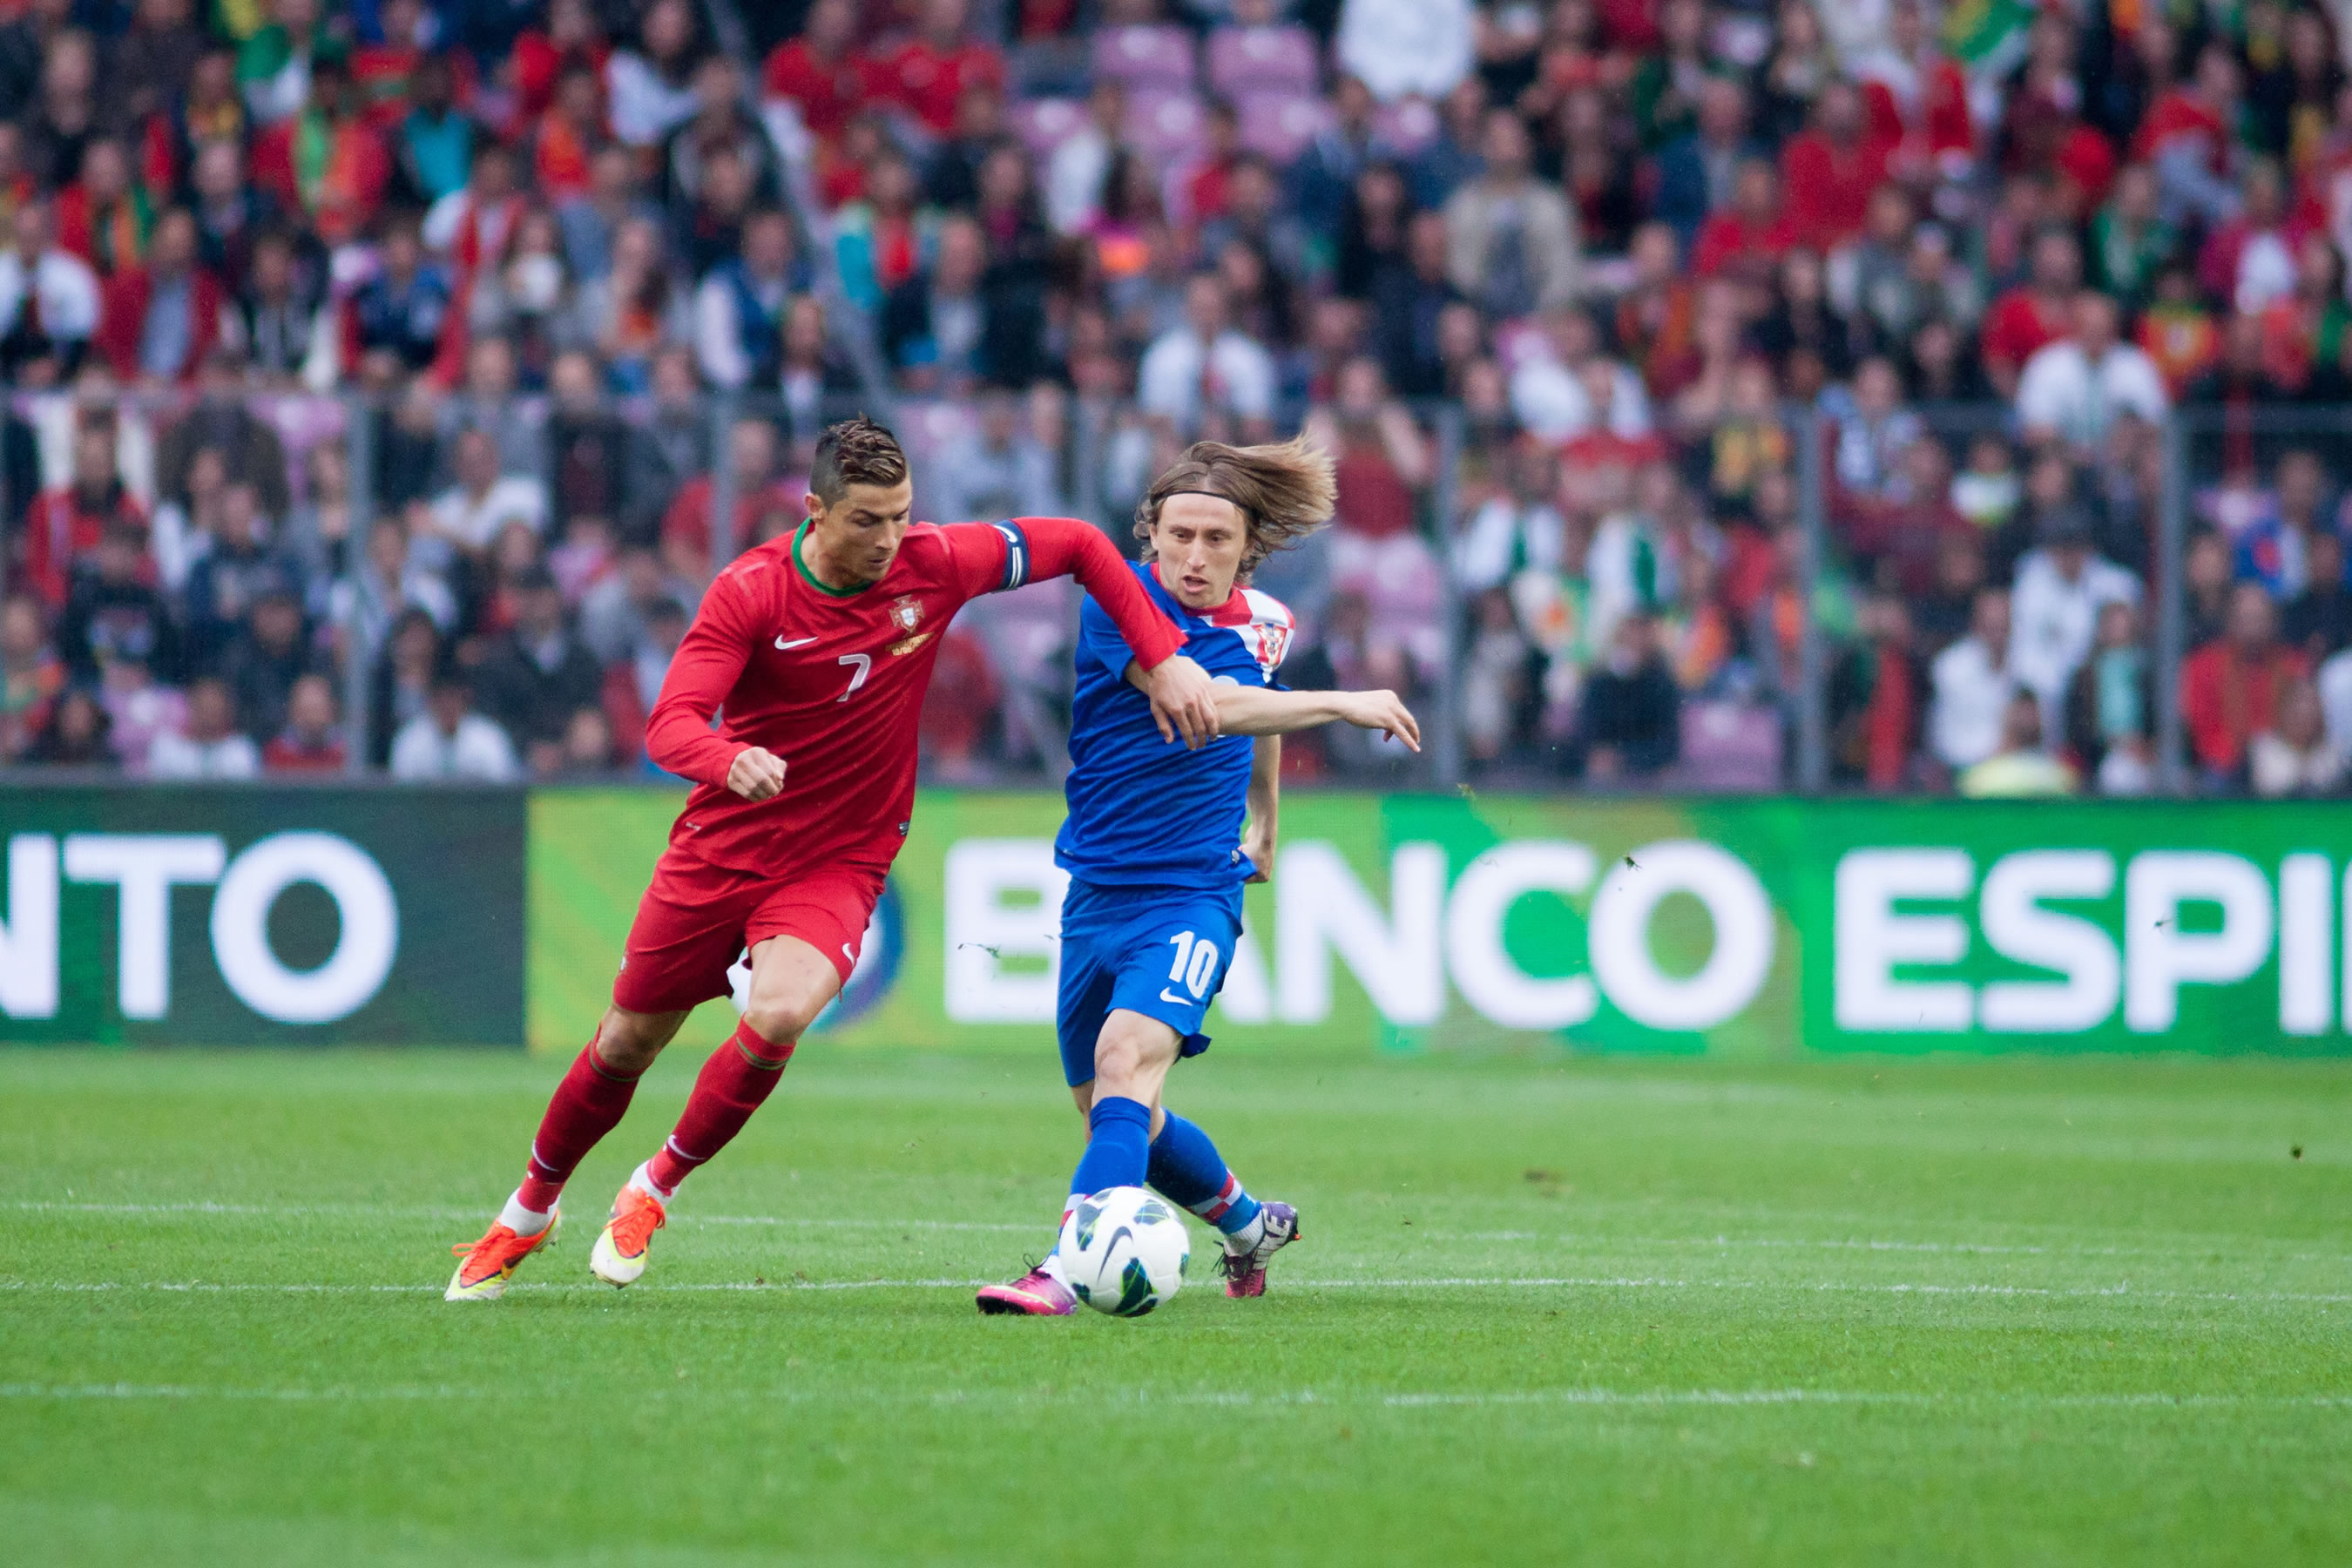 Cristiano Ronaldo vs Luka Modric Wallpaper